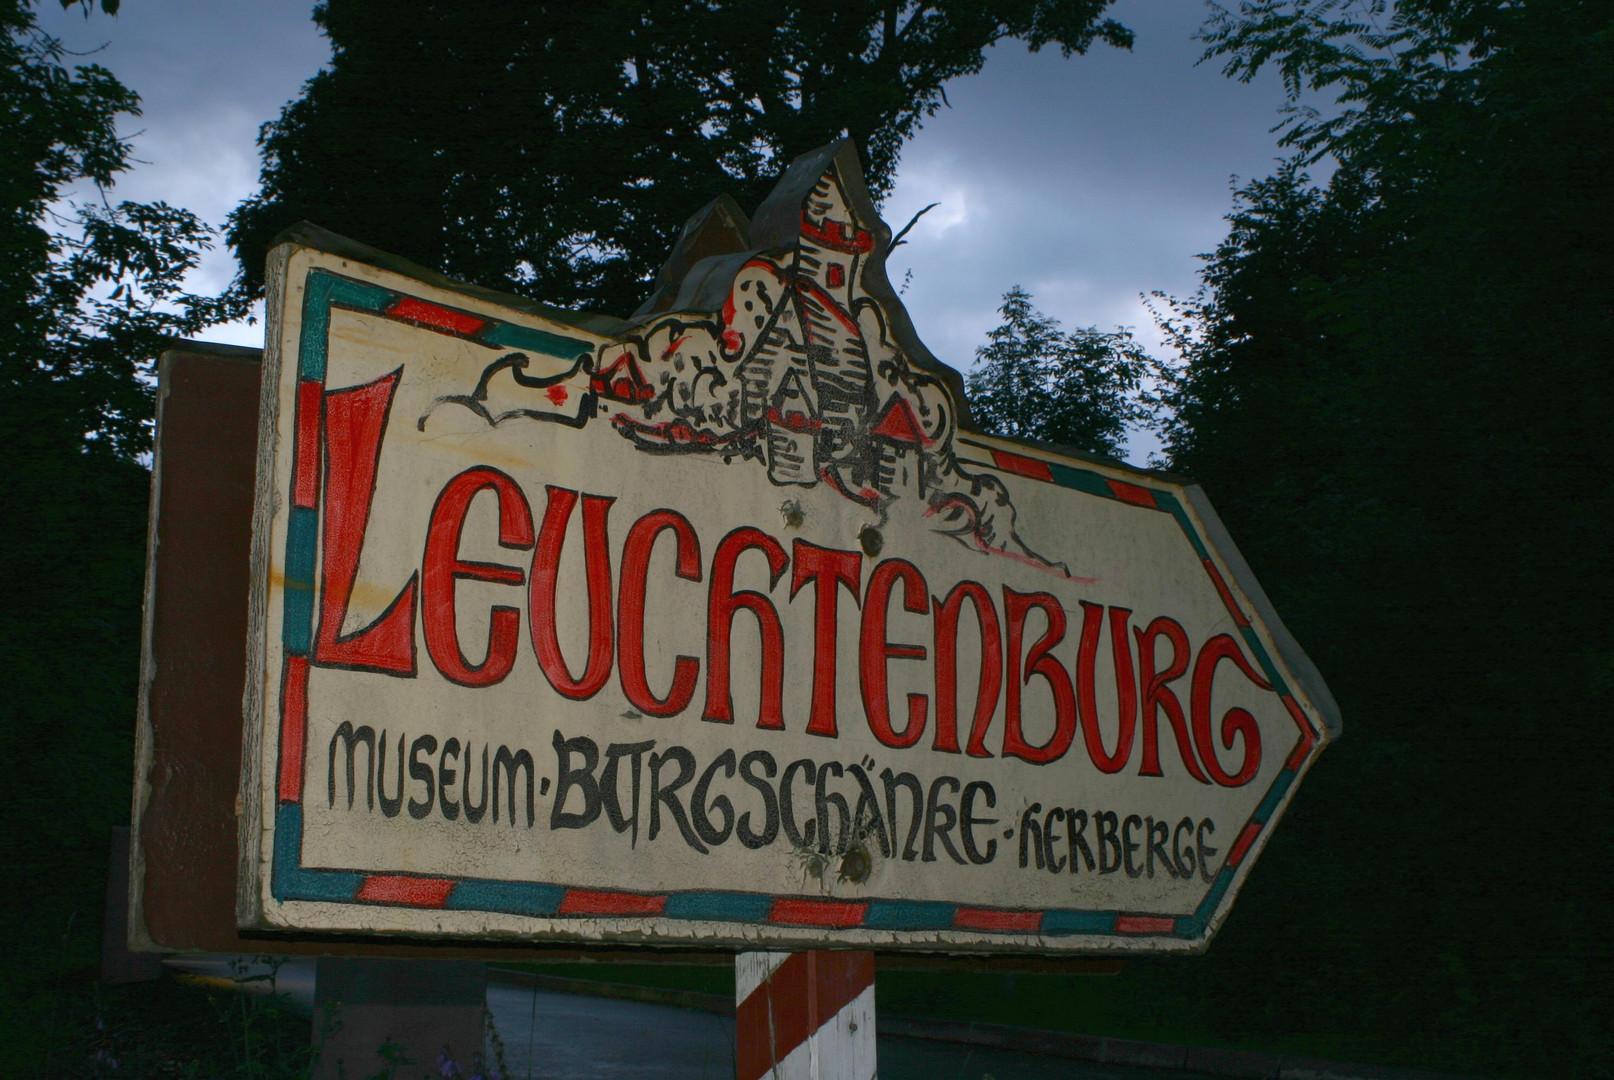 Wegweiser zur Leuchtenburg